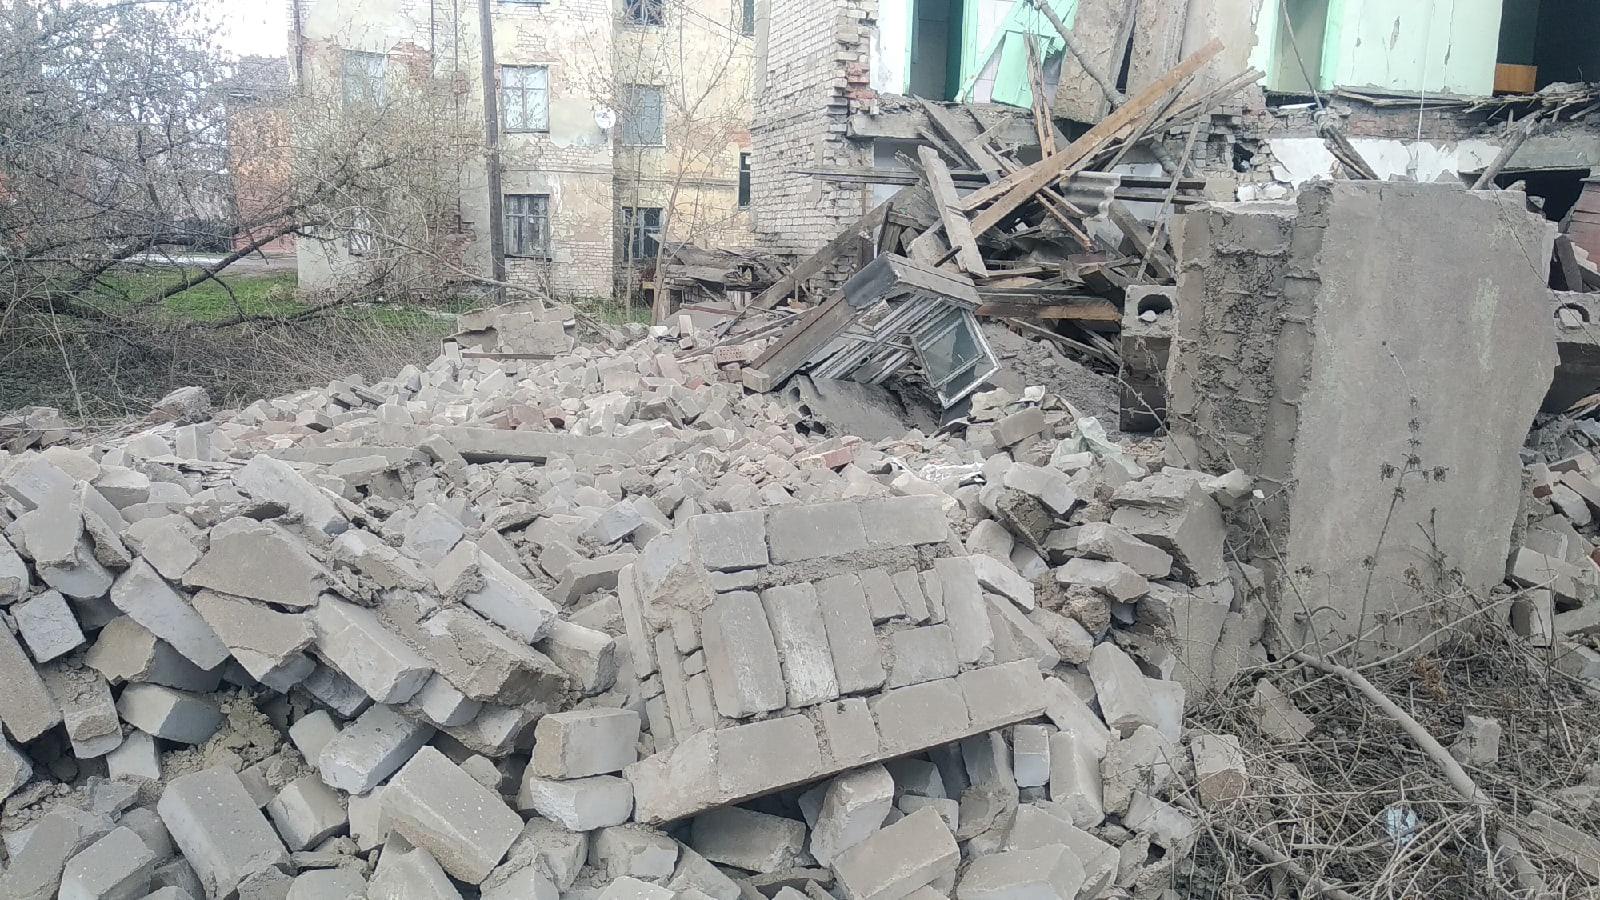 Власти Ржева рассказали подробности о рухнувшей стене общежития в Тверской области